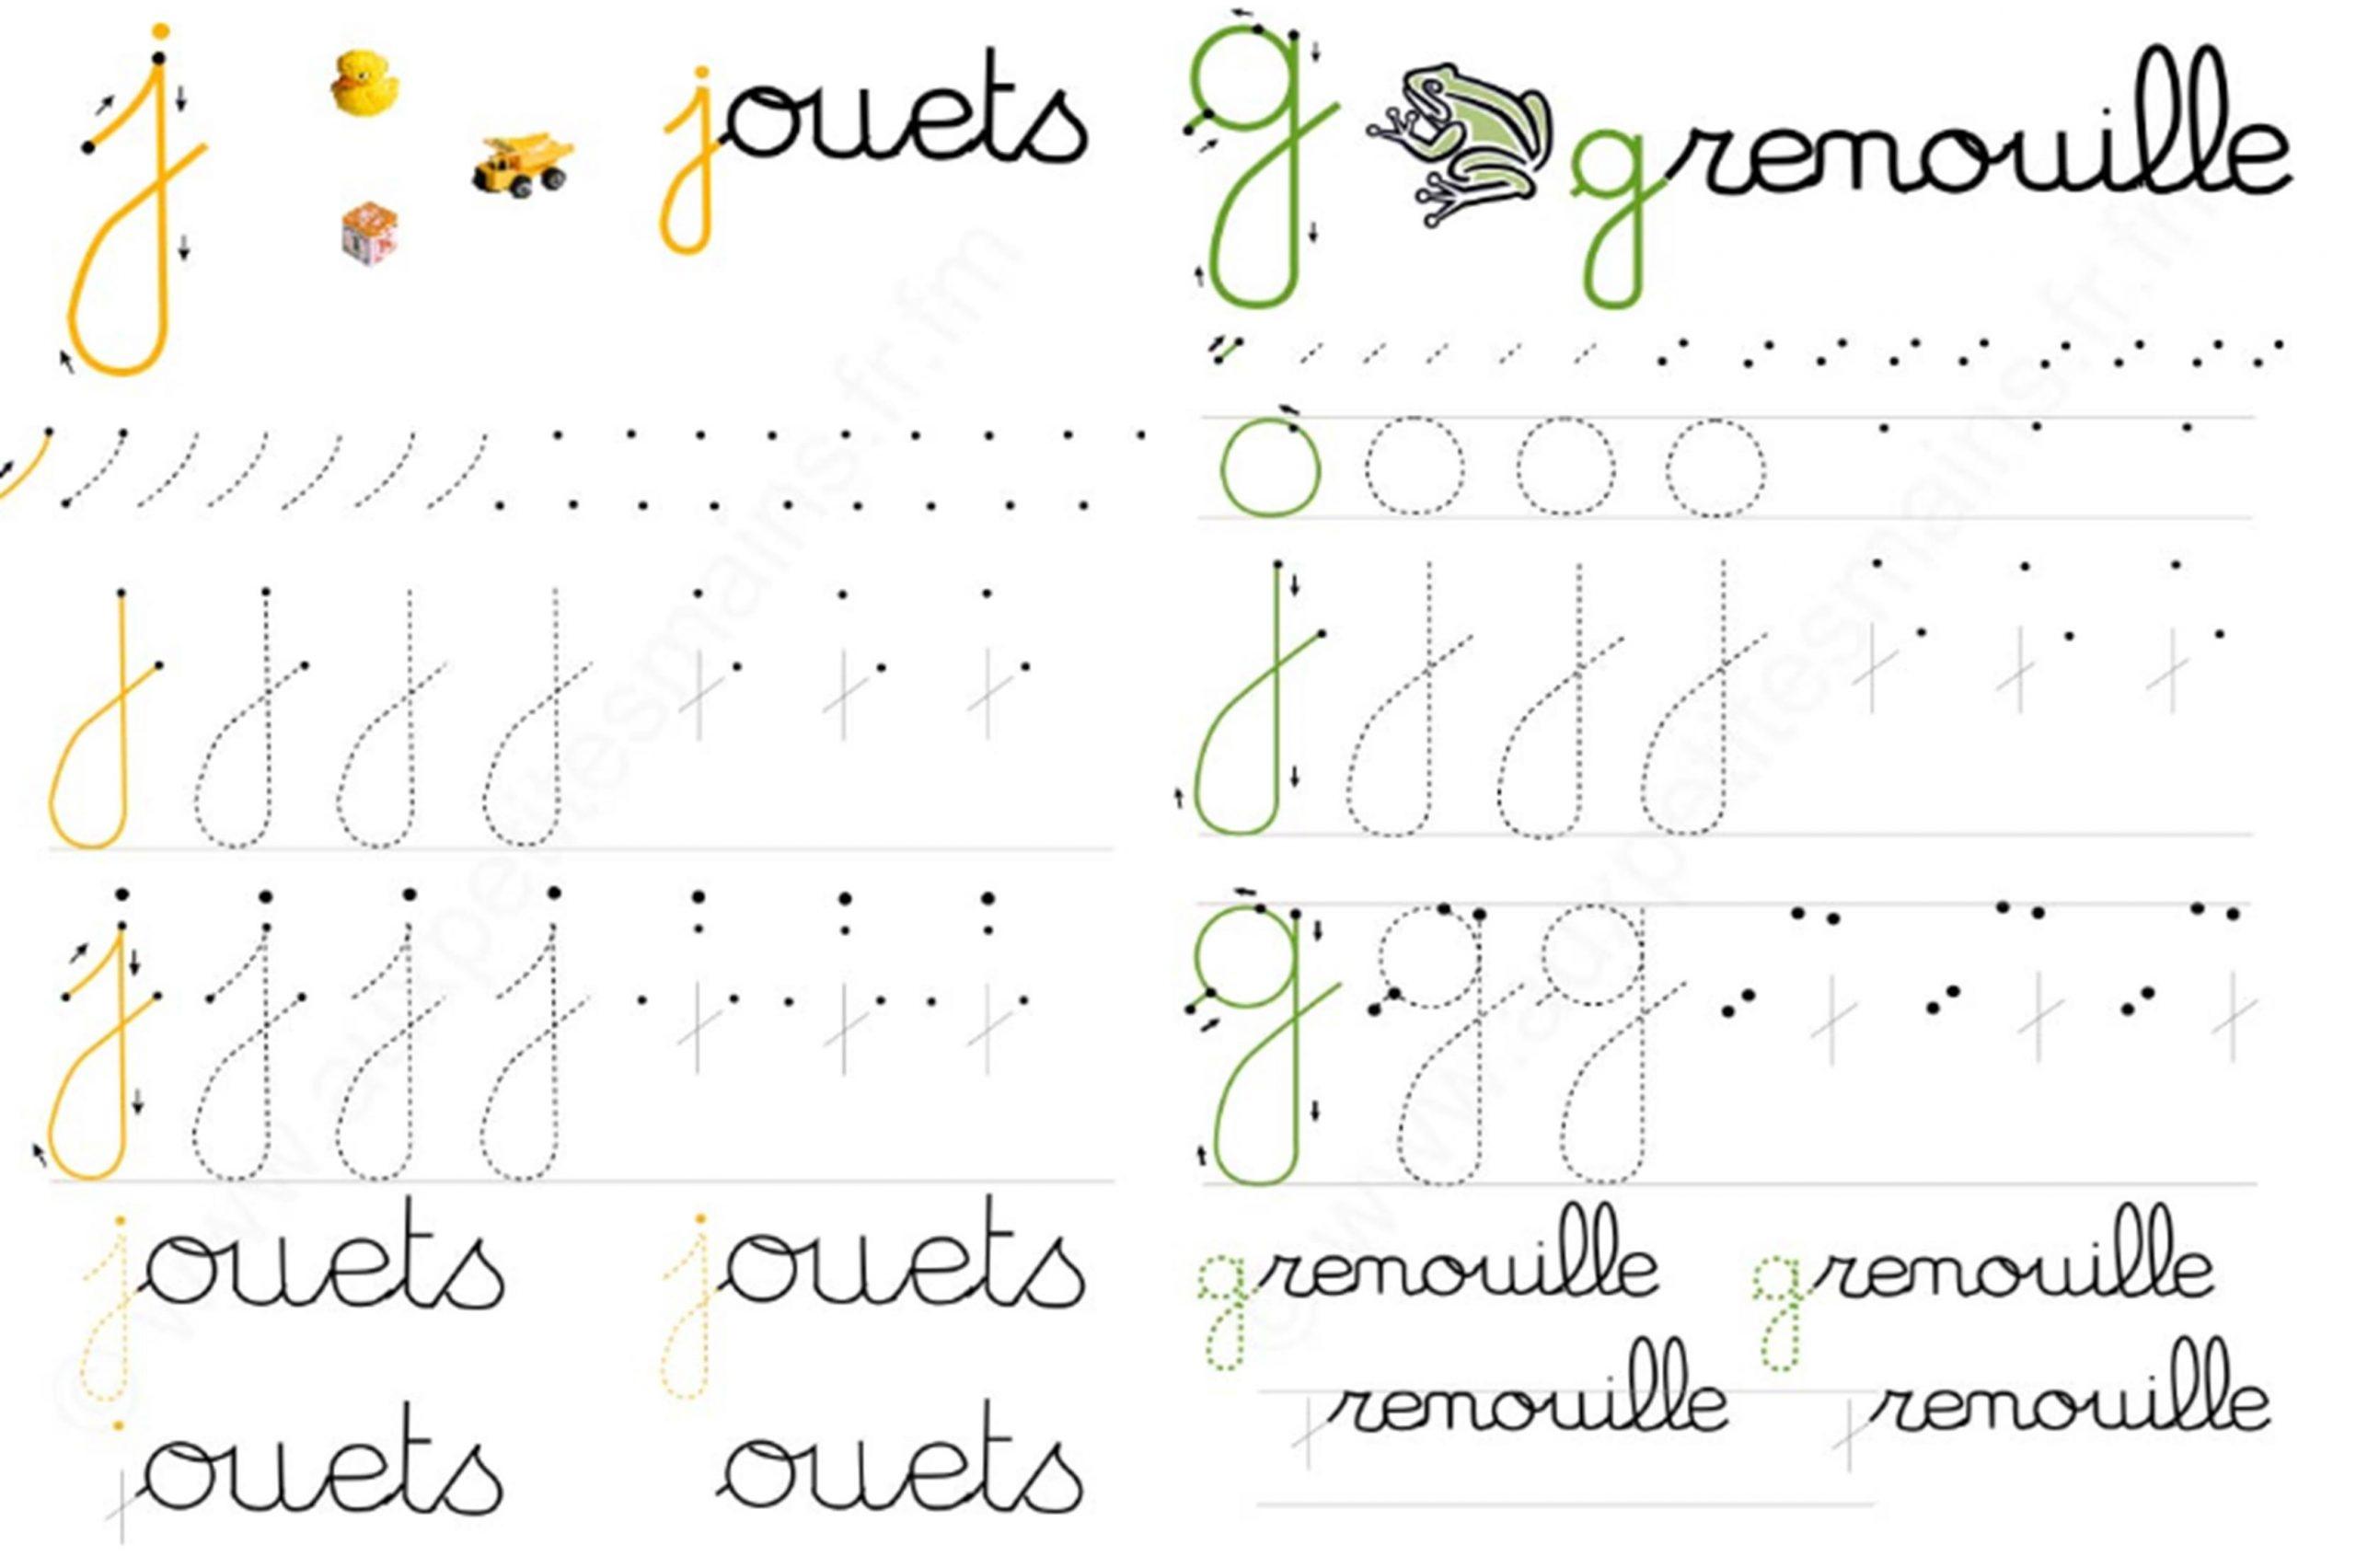 Graphisme Gs | Le Blog De Monsieur Mathieu tout Graphisme En Gs